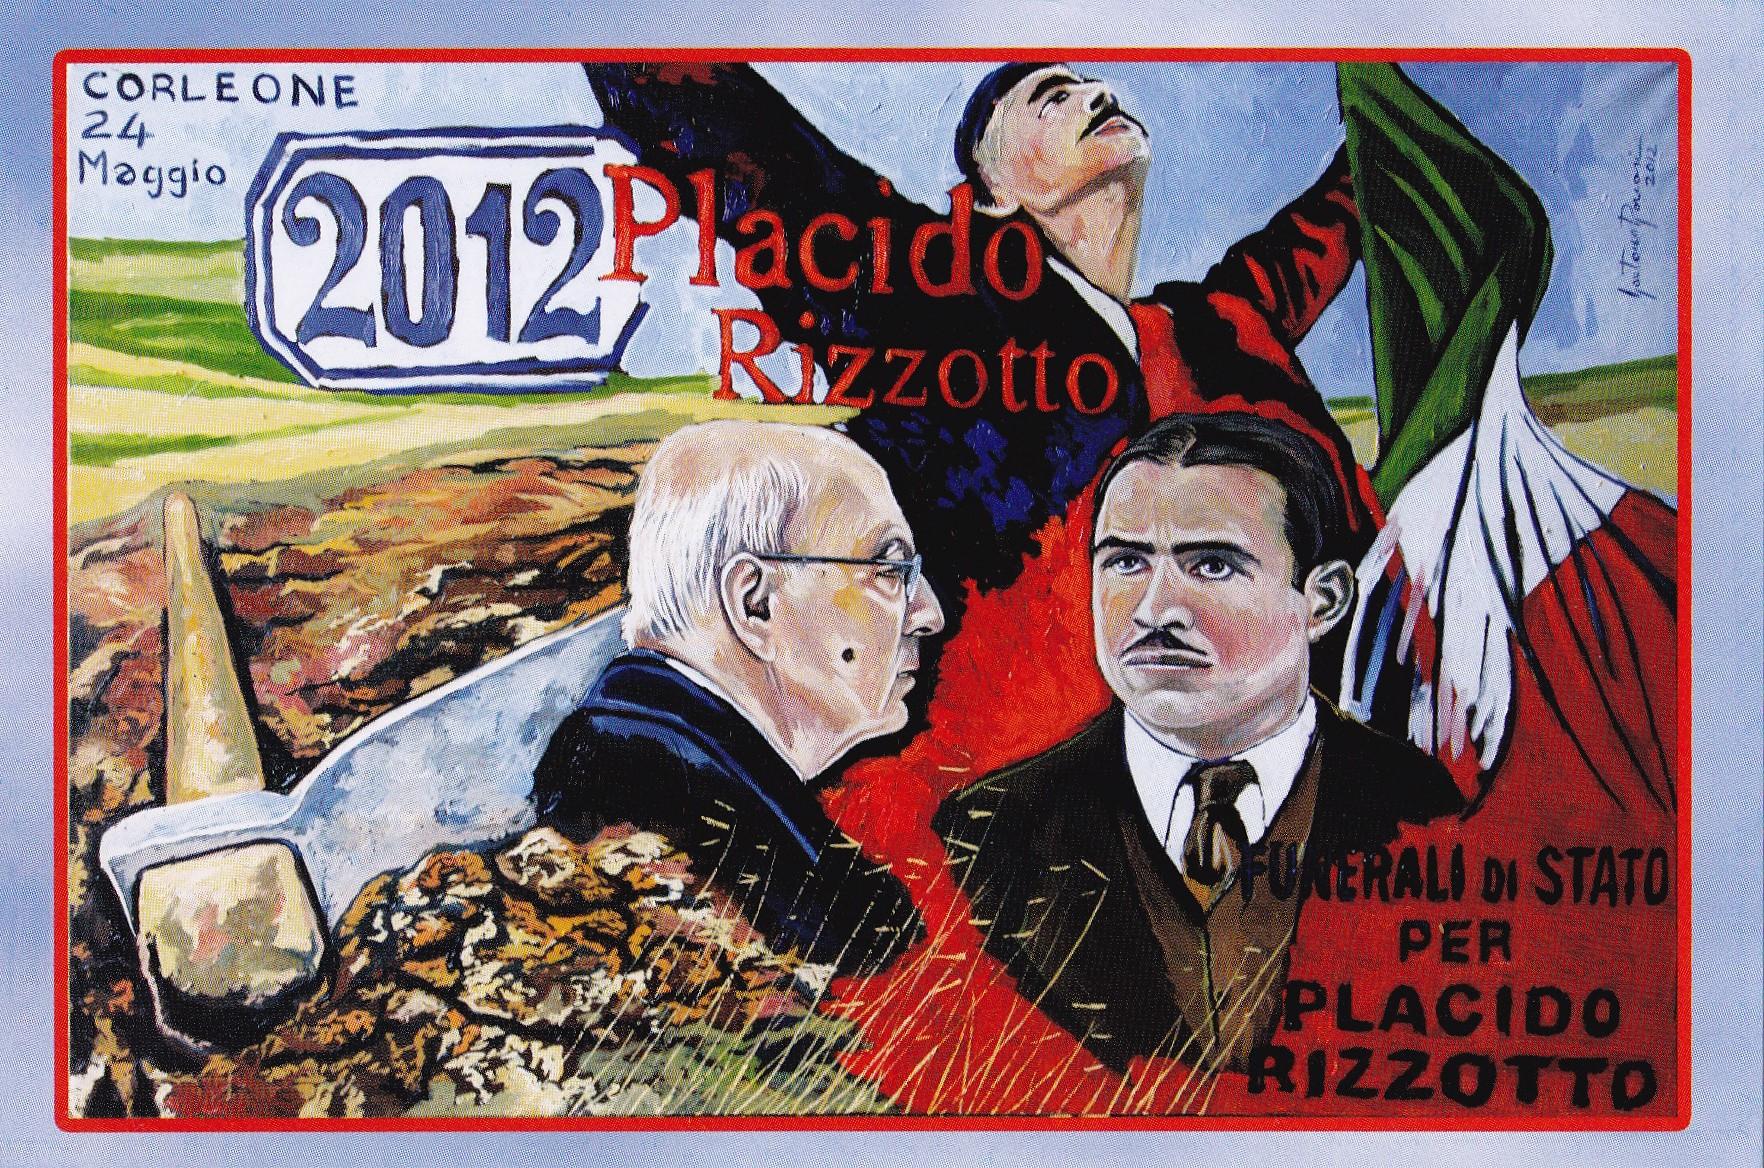 Palermo e il funerale di Placido Rizzotto.